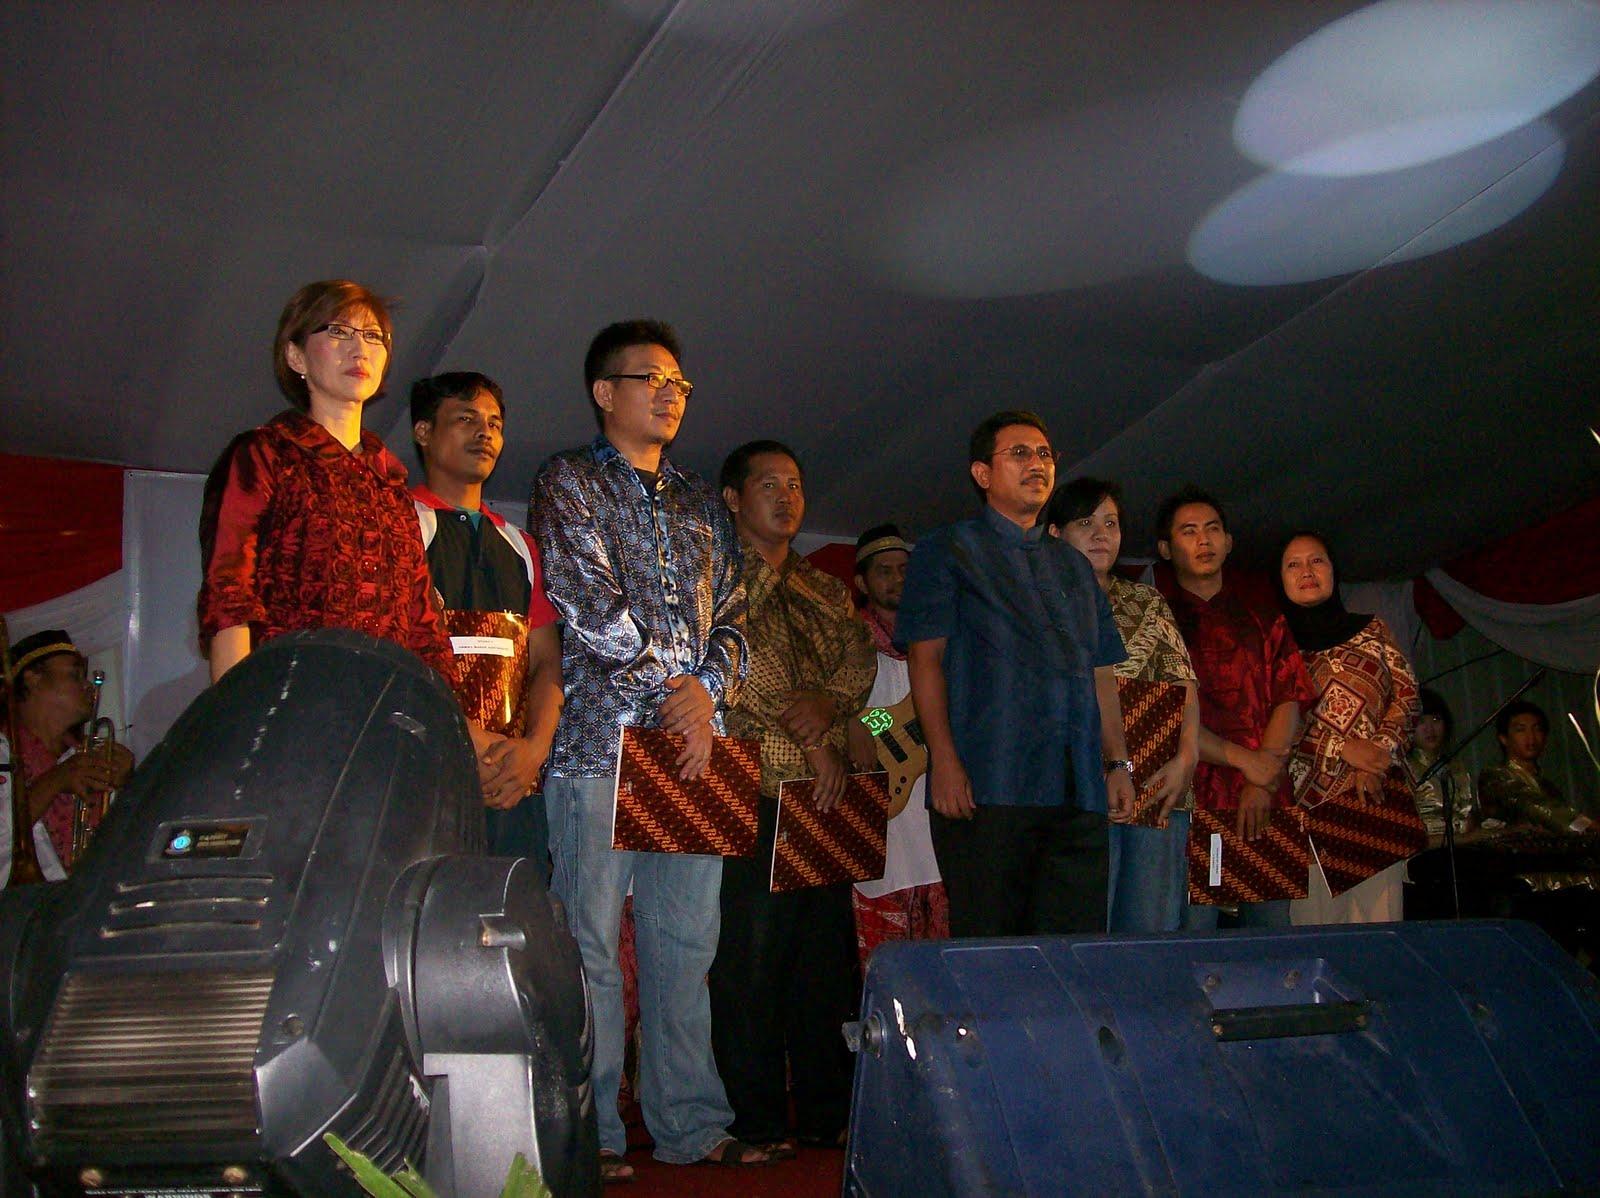 Wartanusantara Festival Pecenongan Sarana Promosi Budaya Kuliner Wisata Kota Administrasi